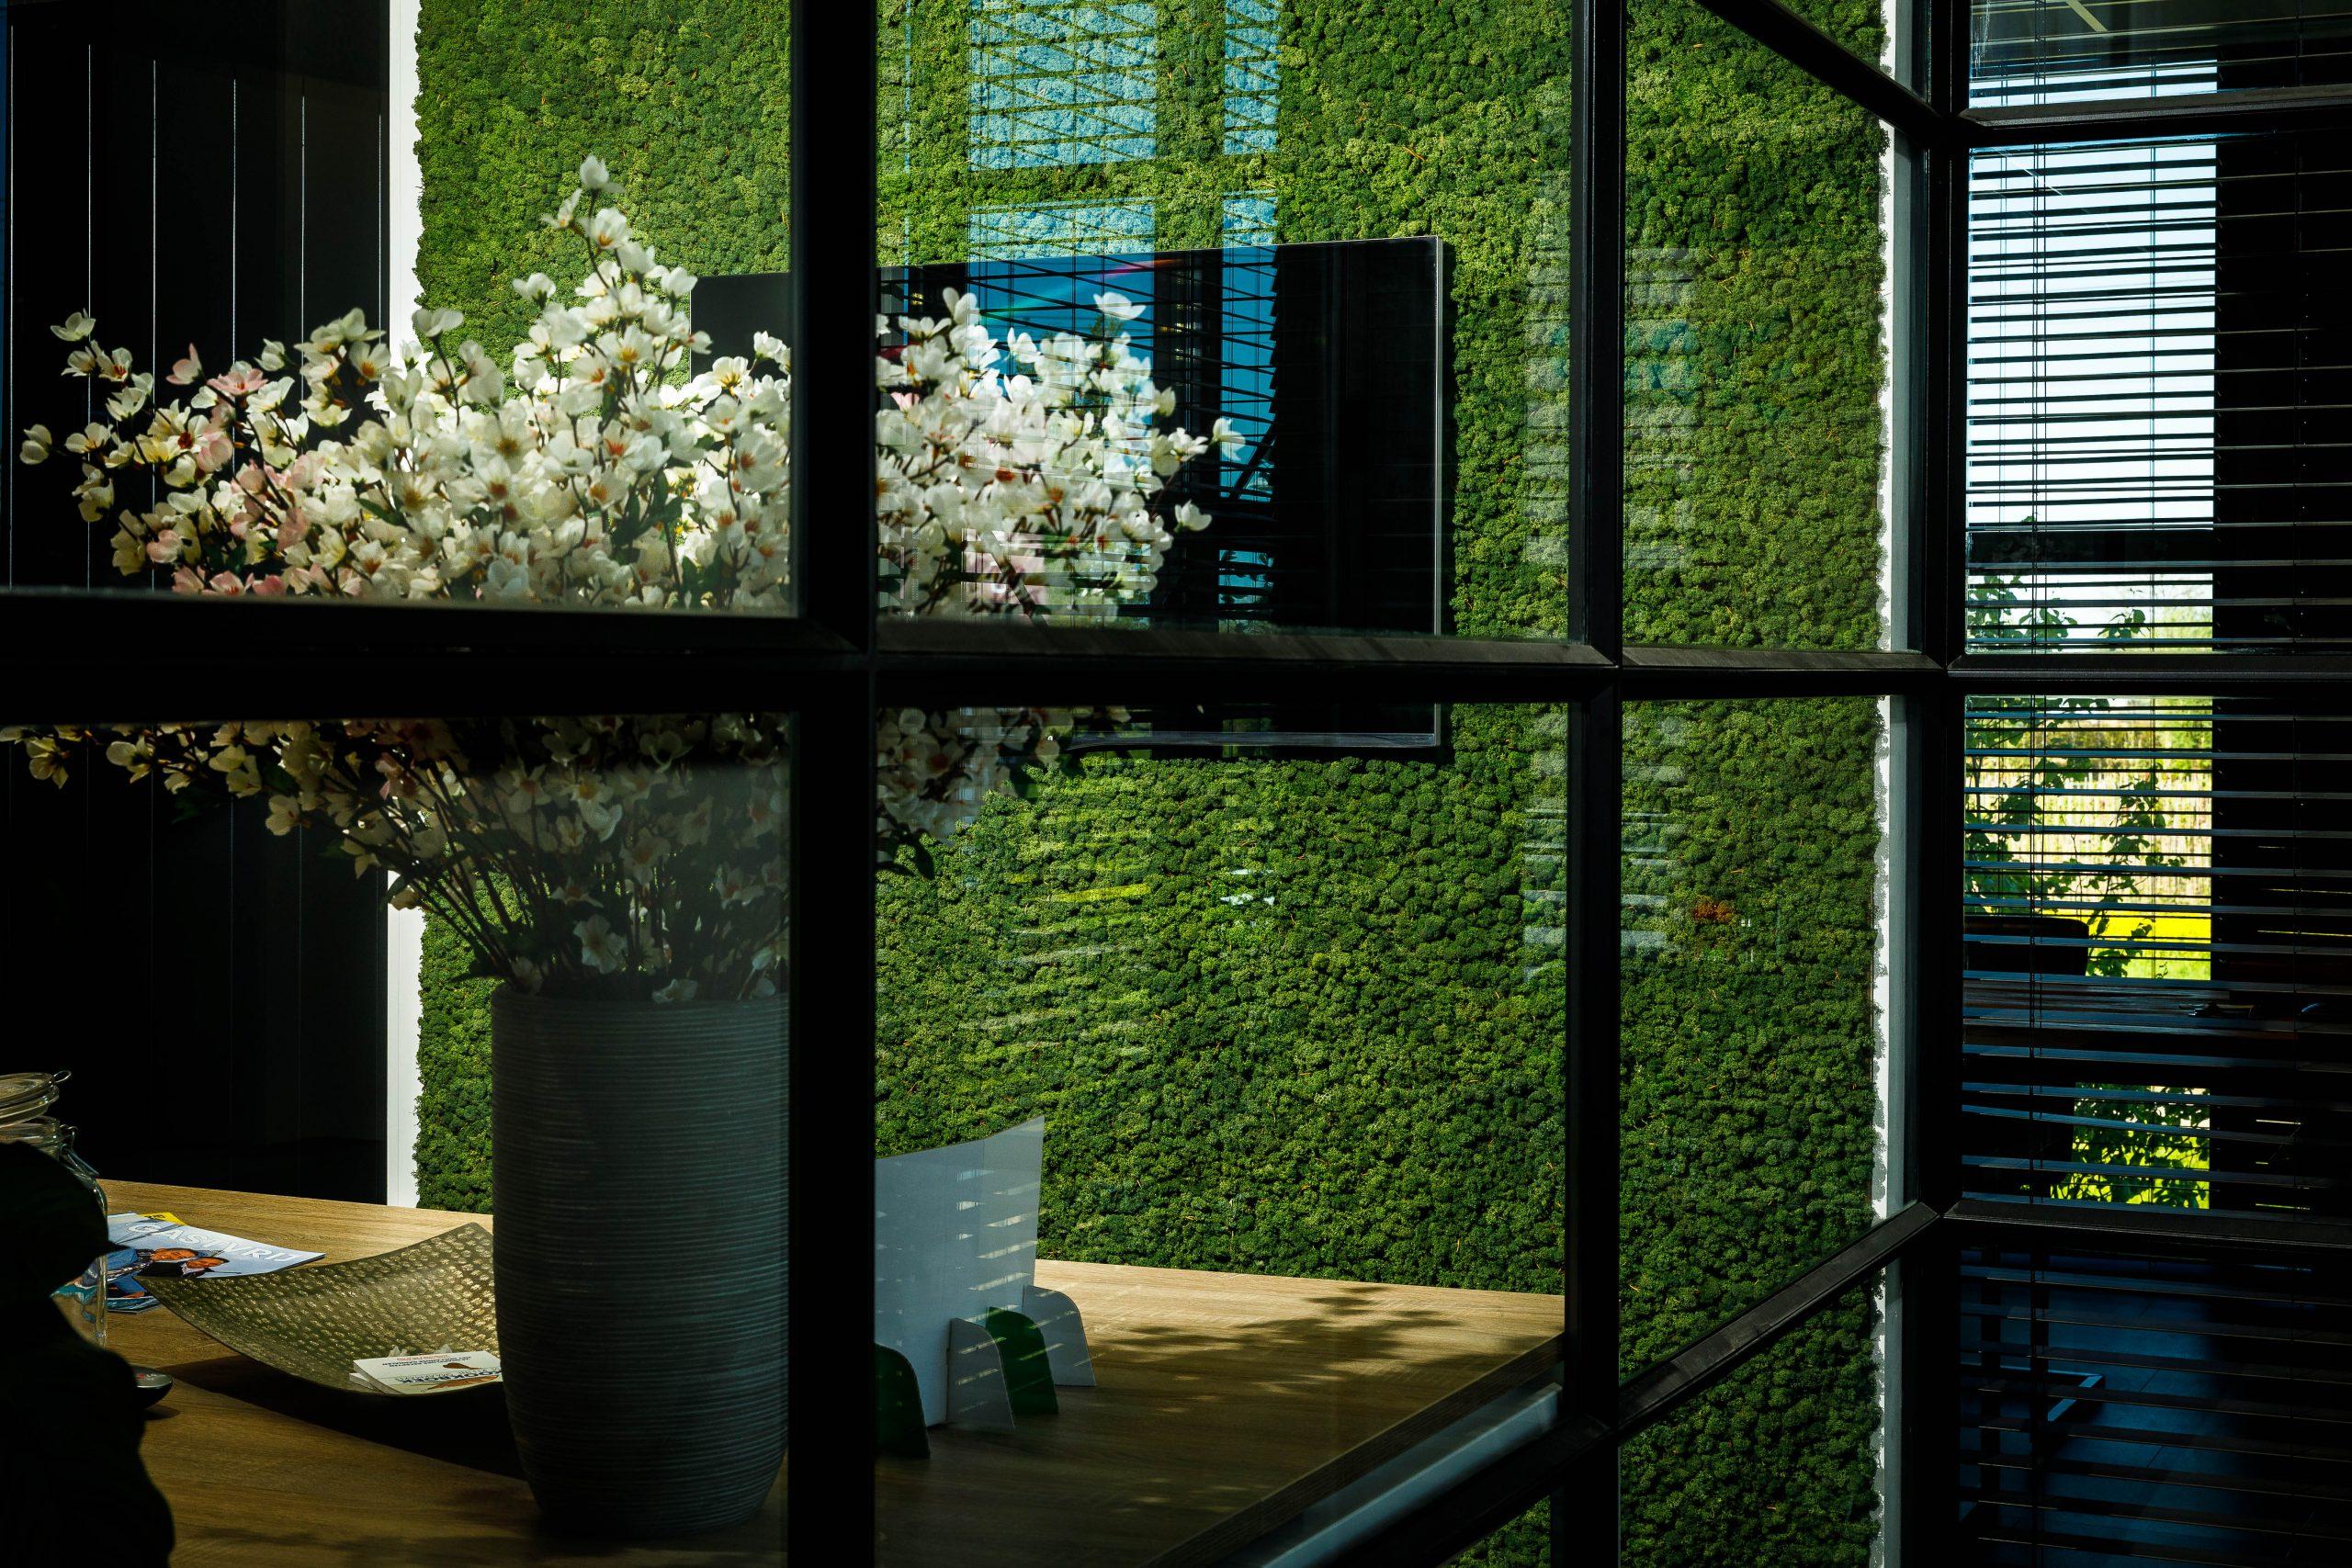 Rendiermos wand in modern kantoor pand waarbij het groen prachtig uitkomt bij de zwarte metalen kozijnen en grote witten boeketten bloemen